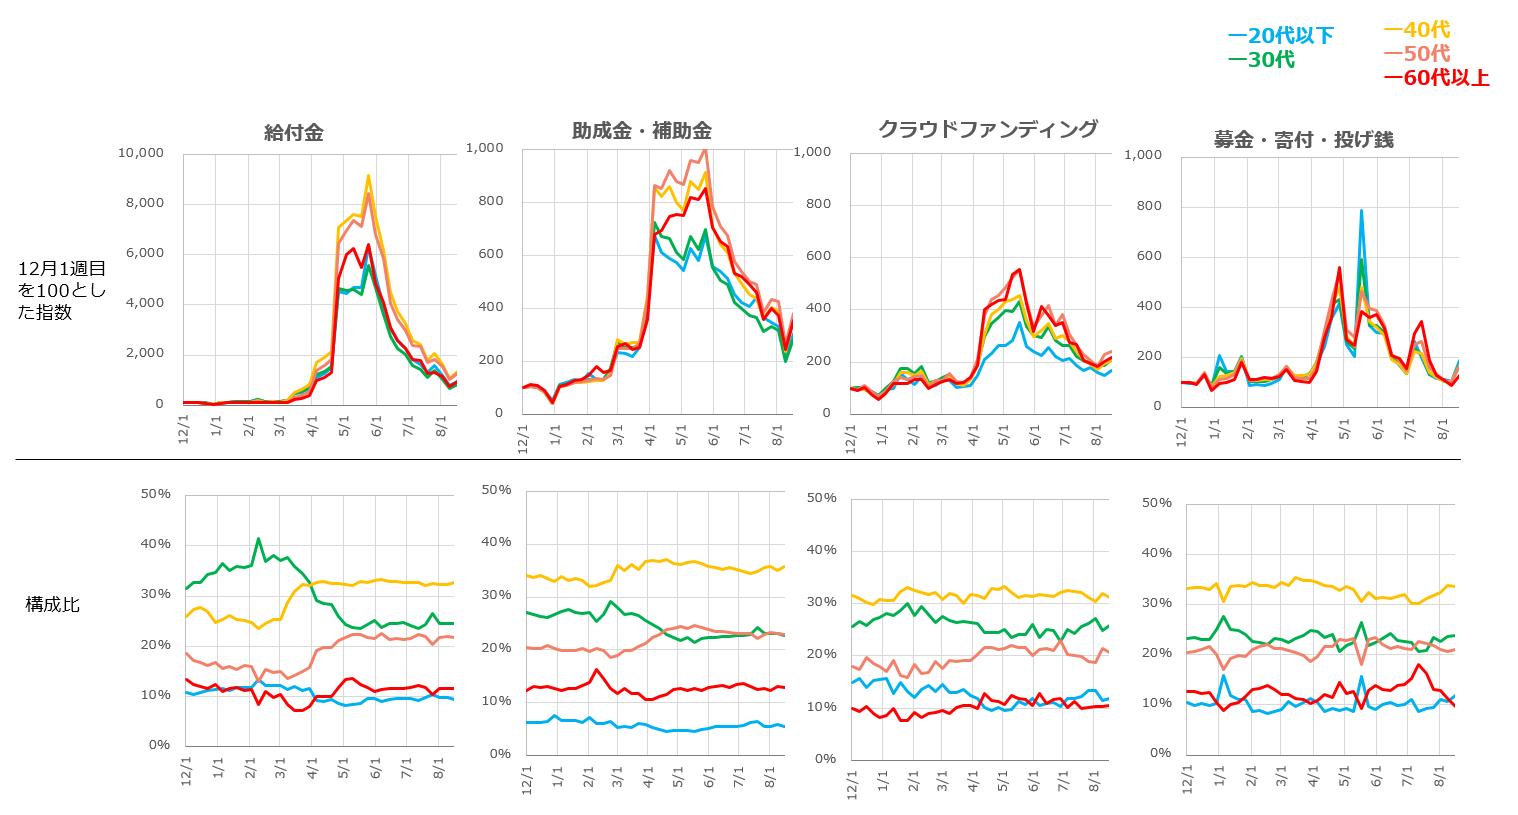 カテゴリー別の週次関心量の指数と世代構成比の変遷を表した折れ線グラフ